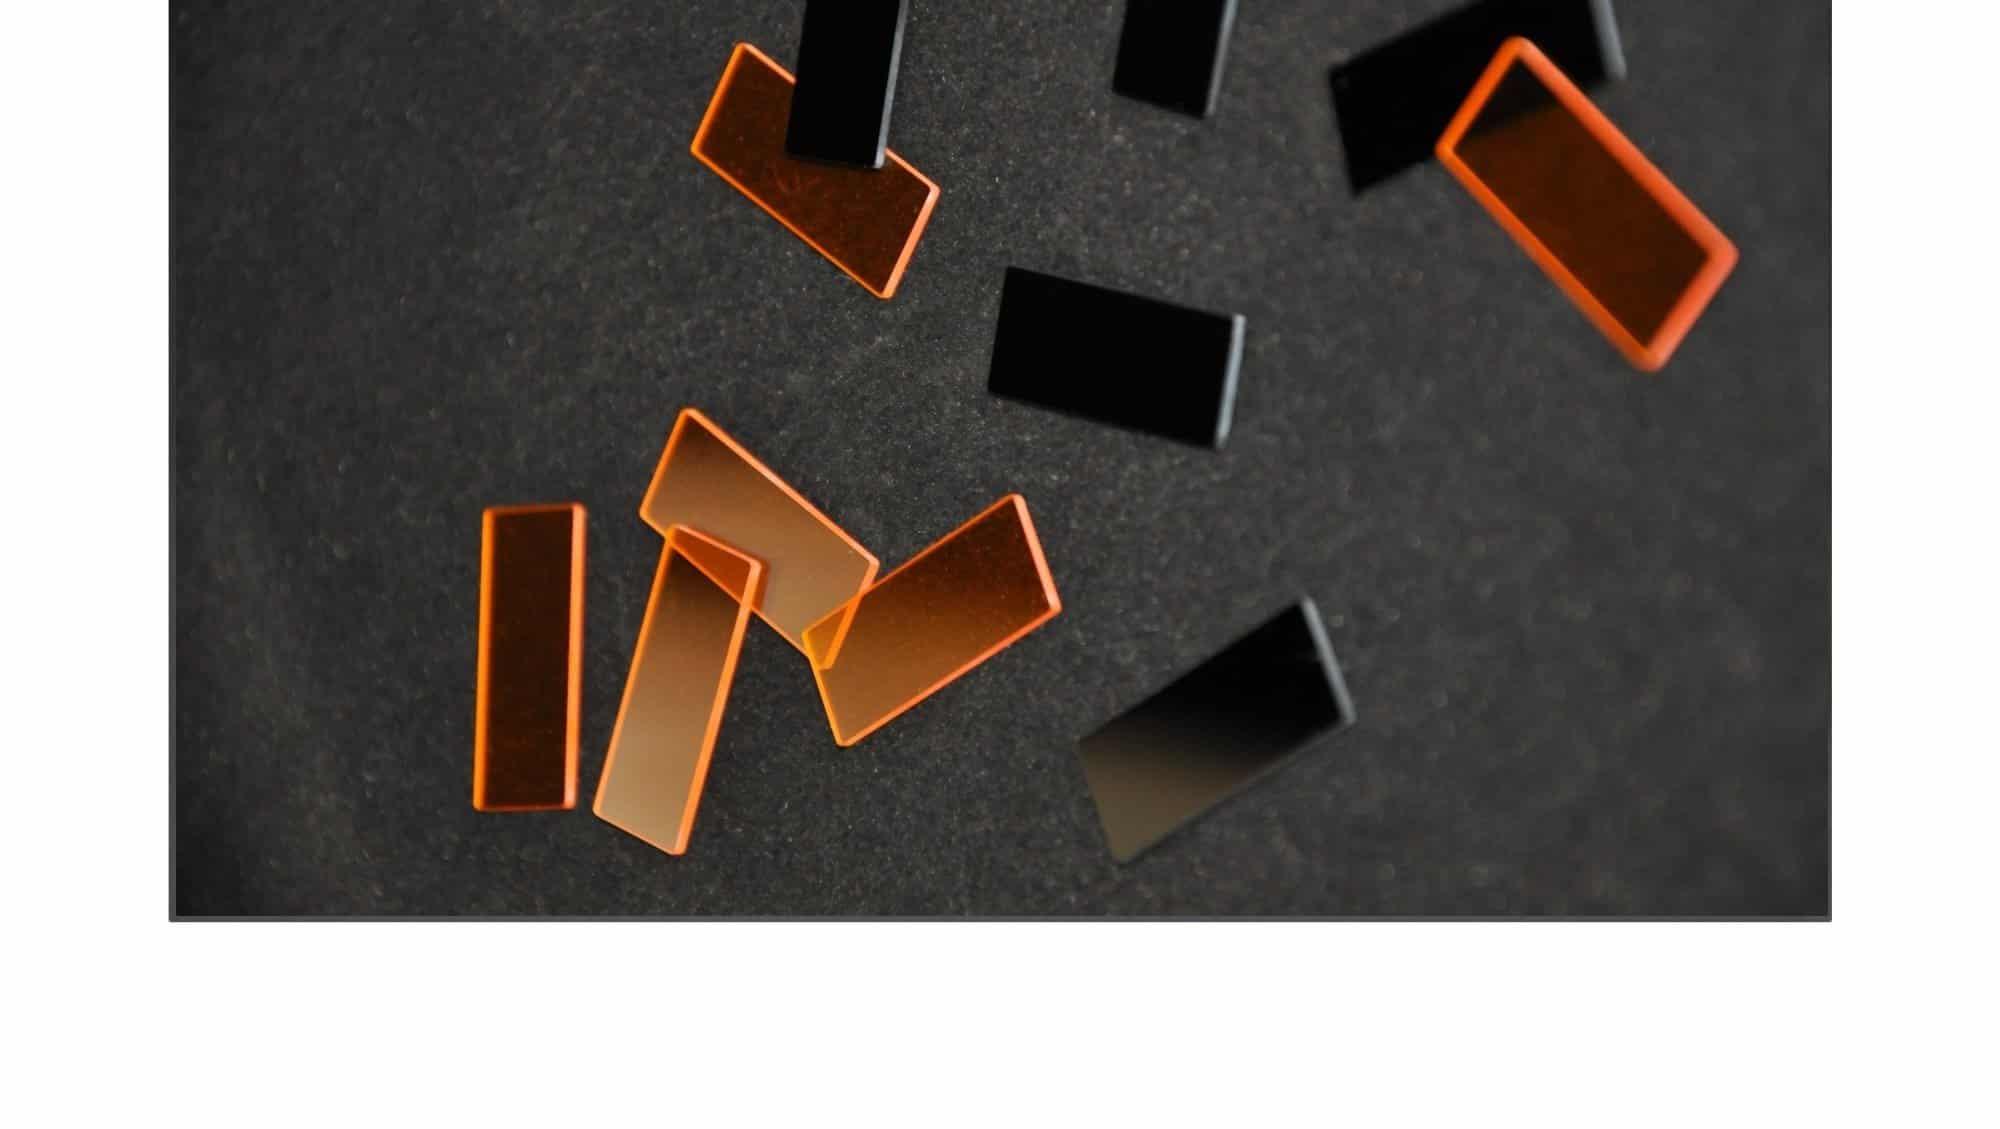 Filtres - OTéO Optics Etude et Réalisation Optique - Fabricant d'optiques de précision - Sic 4H - Silice - ZnS - Du prototype au récurrent - Miroir, hublot -prisme- sphere